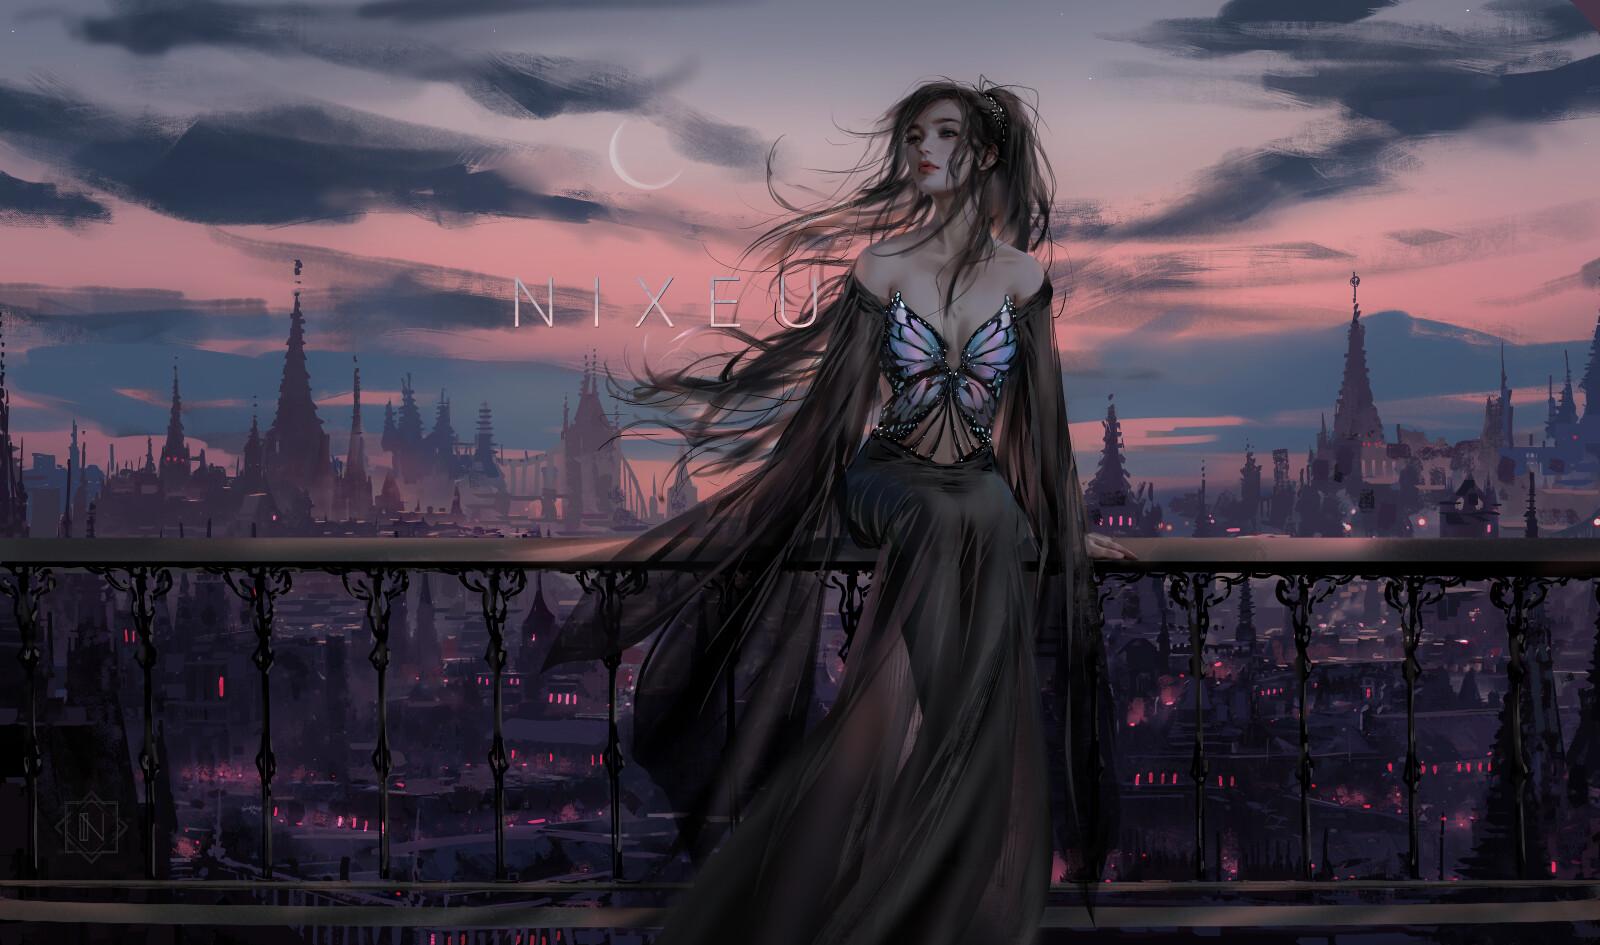 Фото Девушка сидит на ограде на фоне города под облачным небом, by Nixeu